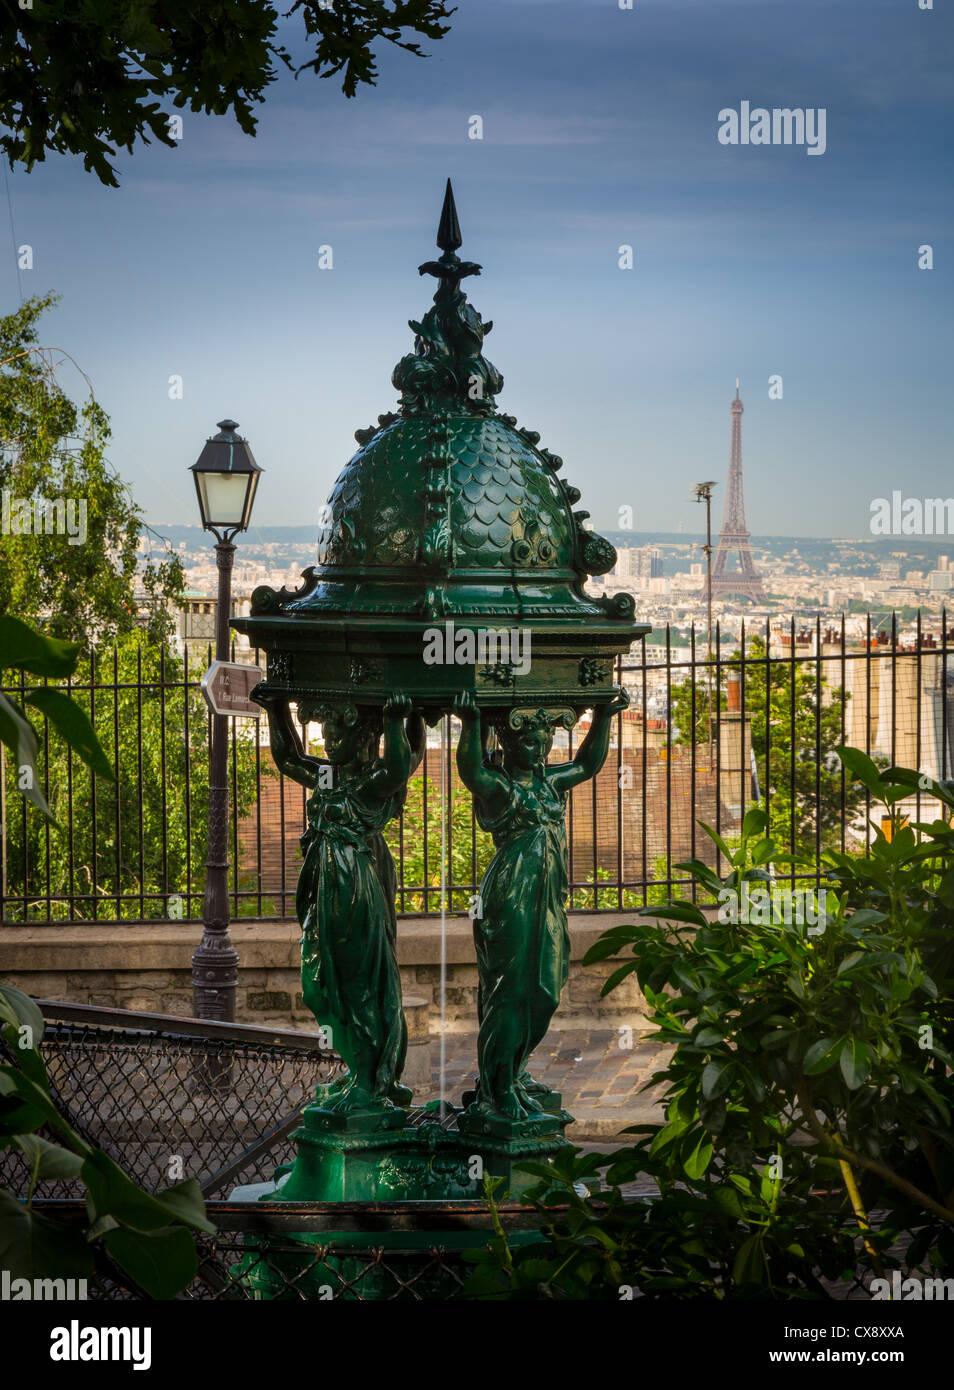 Bella pubblica fontana potabile su la Butte Montmartre, nel centro di Parigi, Francia Immagini Stock